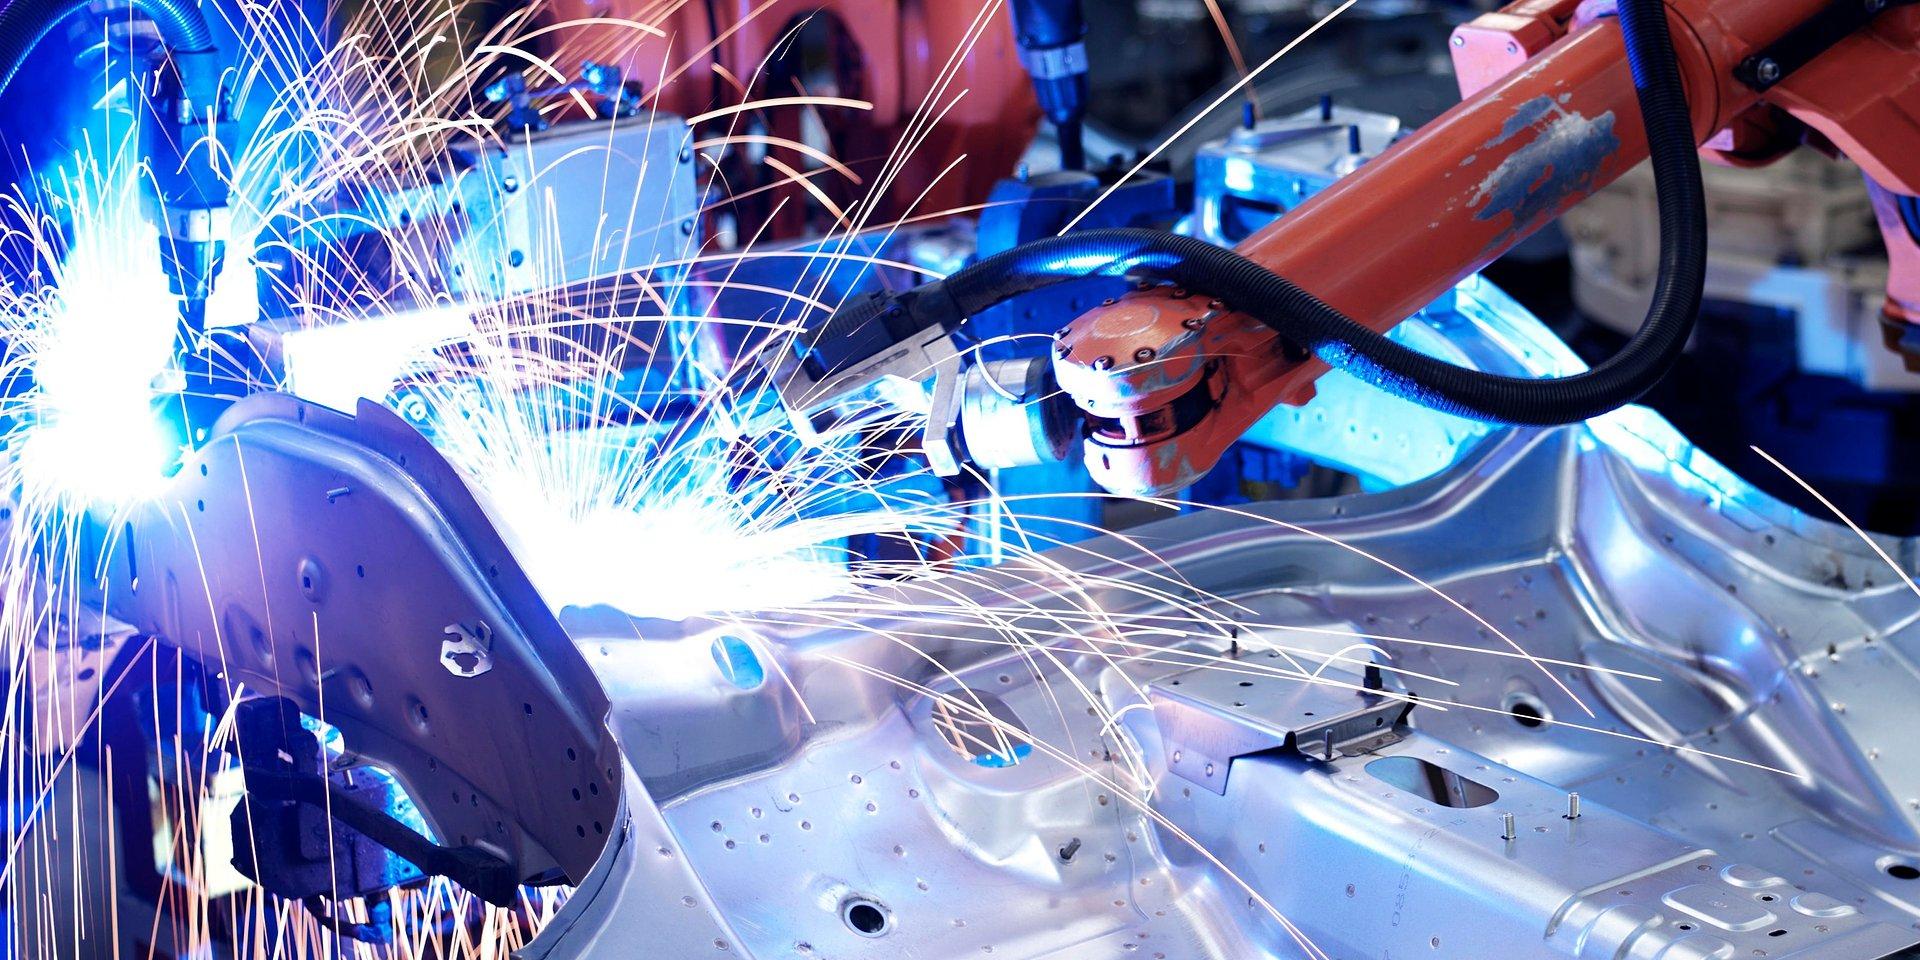 Produkcja przemysłowa zaskakuje na plus